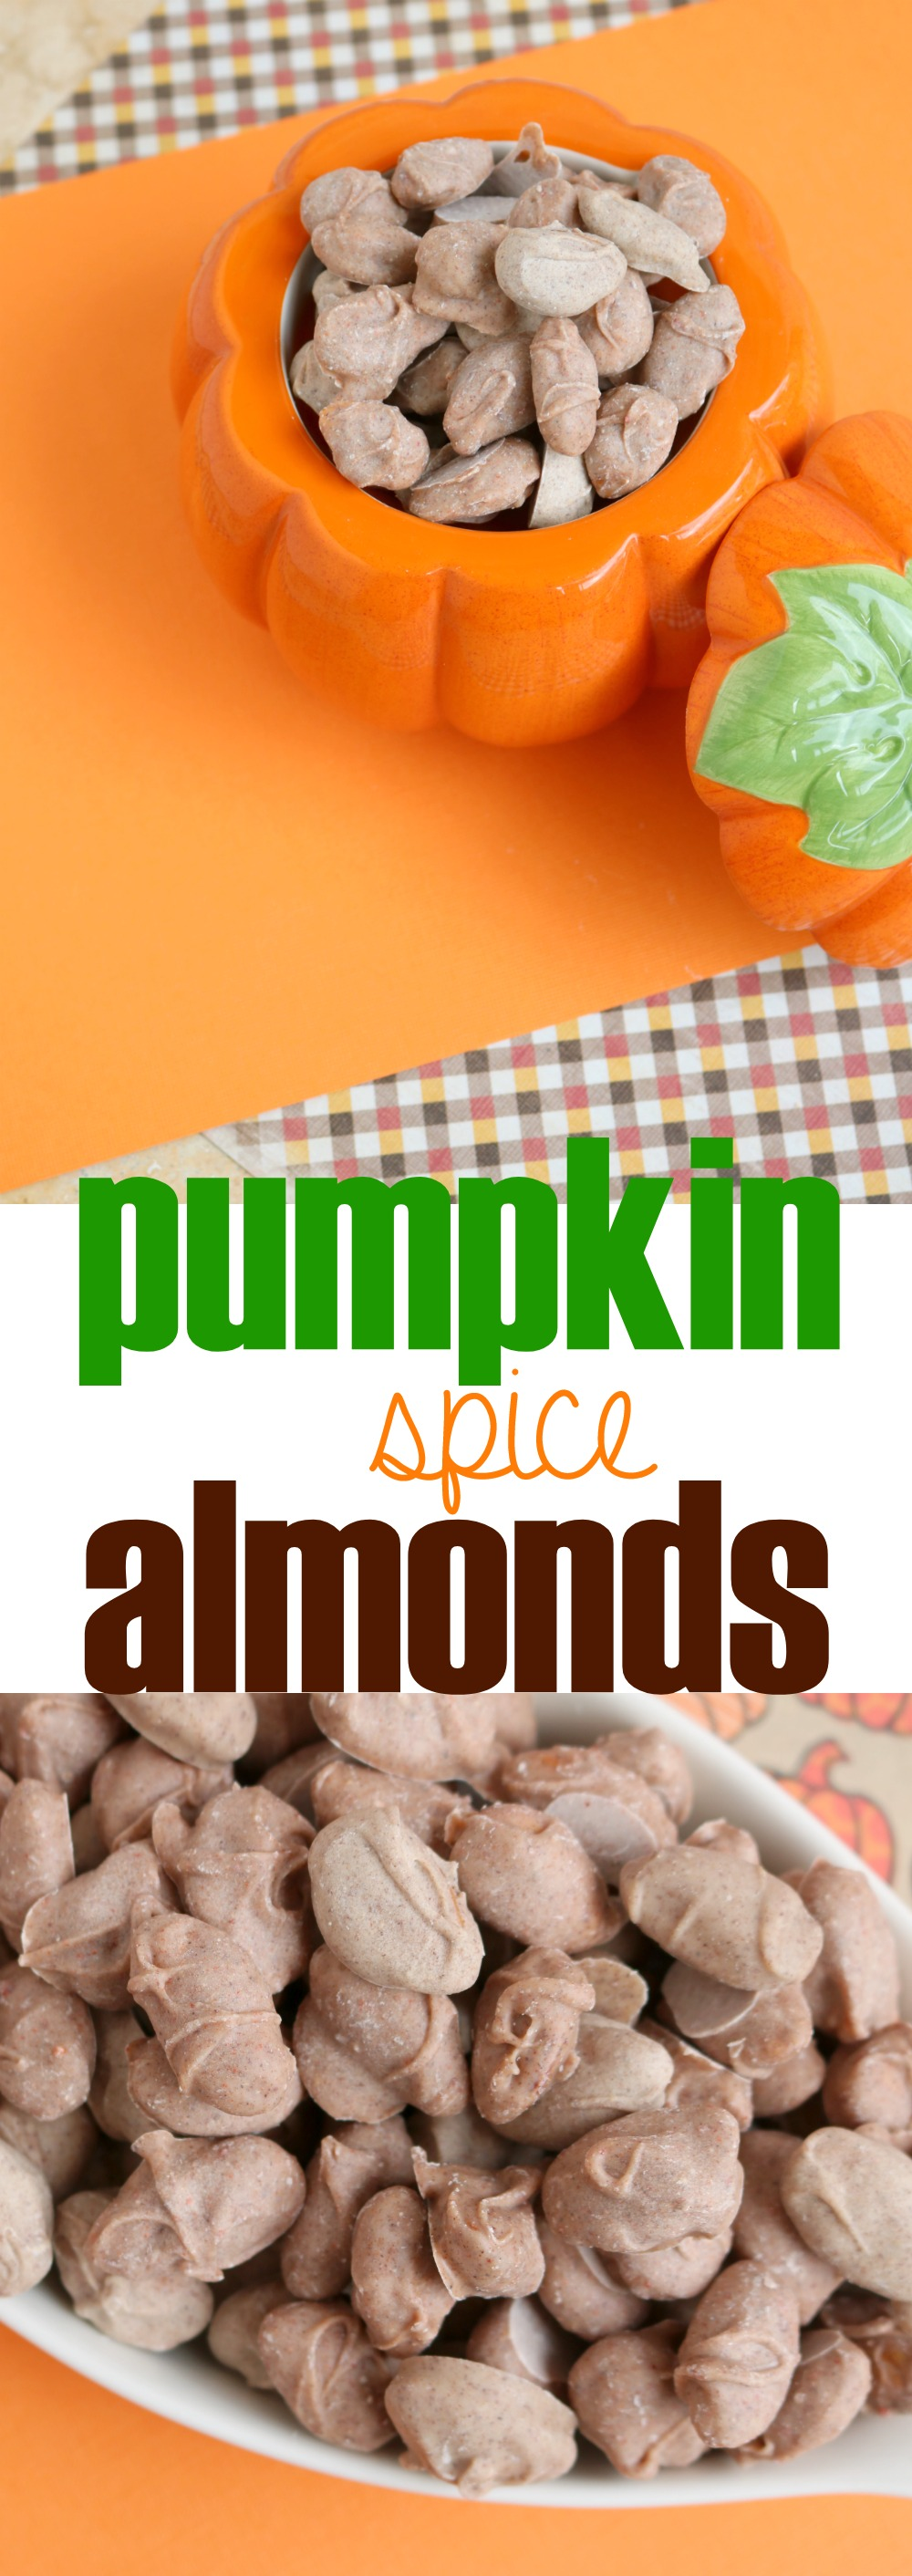 How to Make Pumpkin Spice Almonds | SensiblySara.com